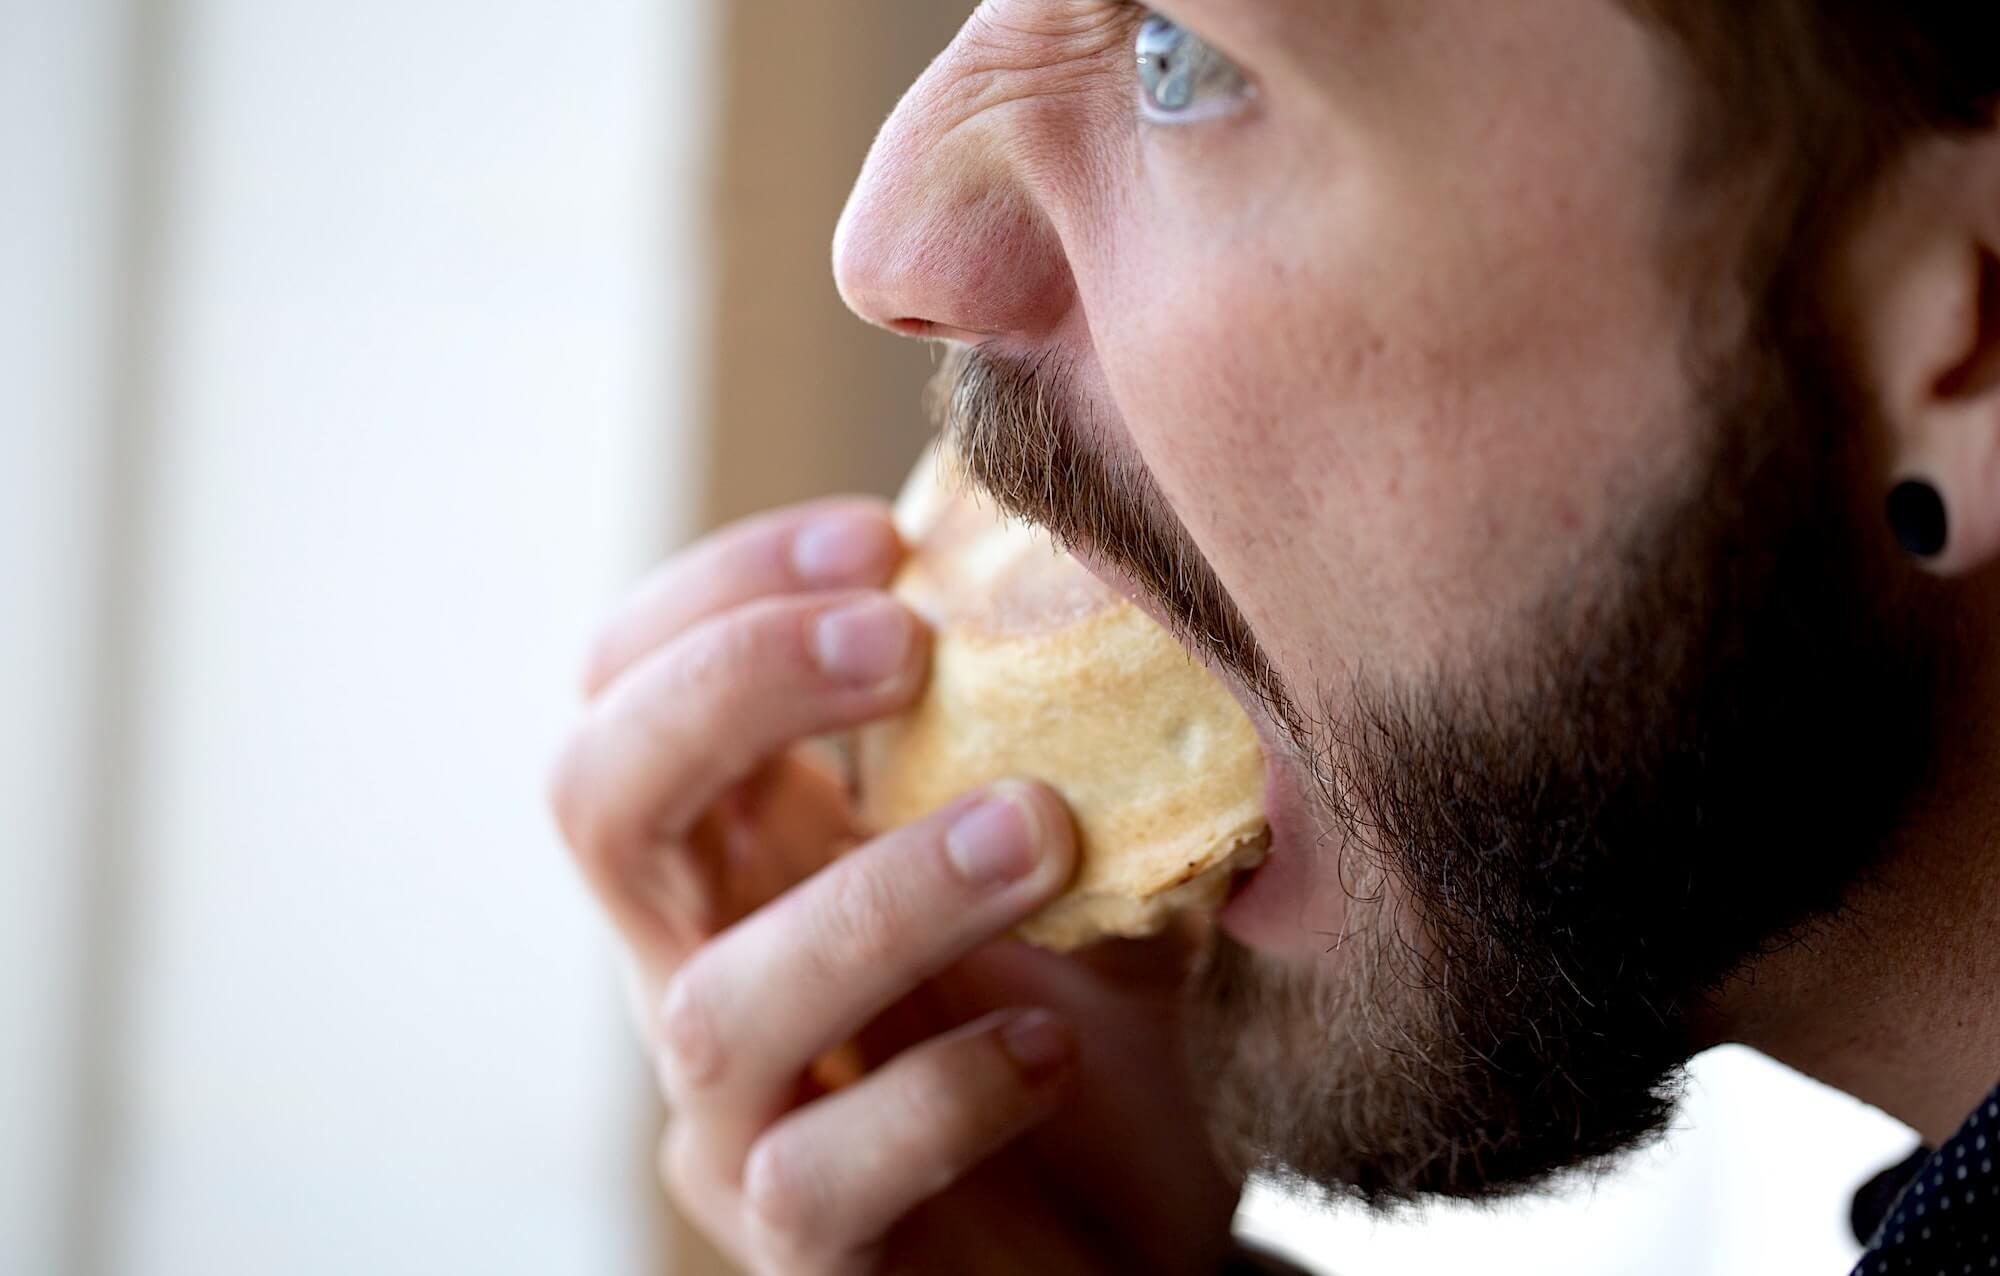 «Коллеги, дышите потише»: почему офисный шум сводит нас с ума — обсуждаем исследования - 3